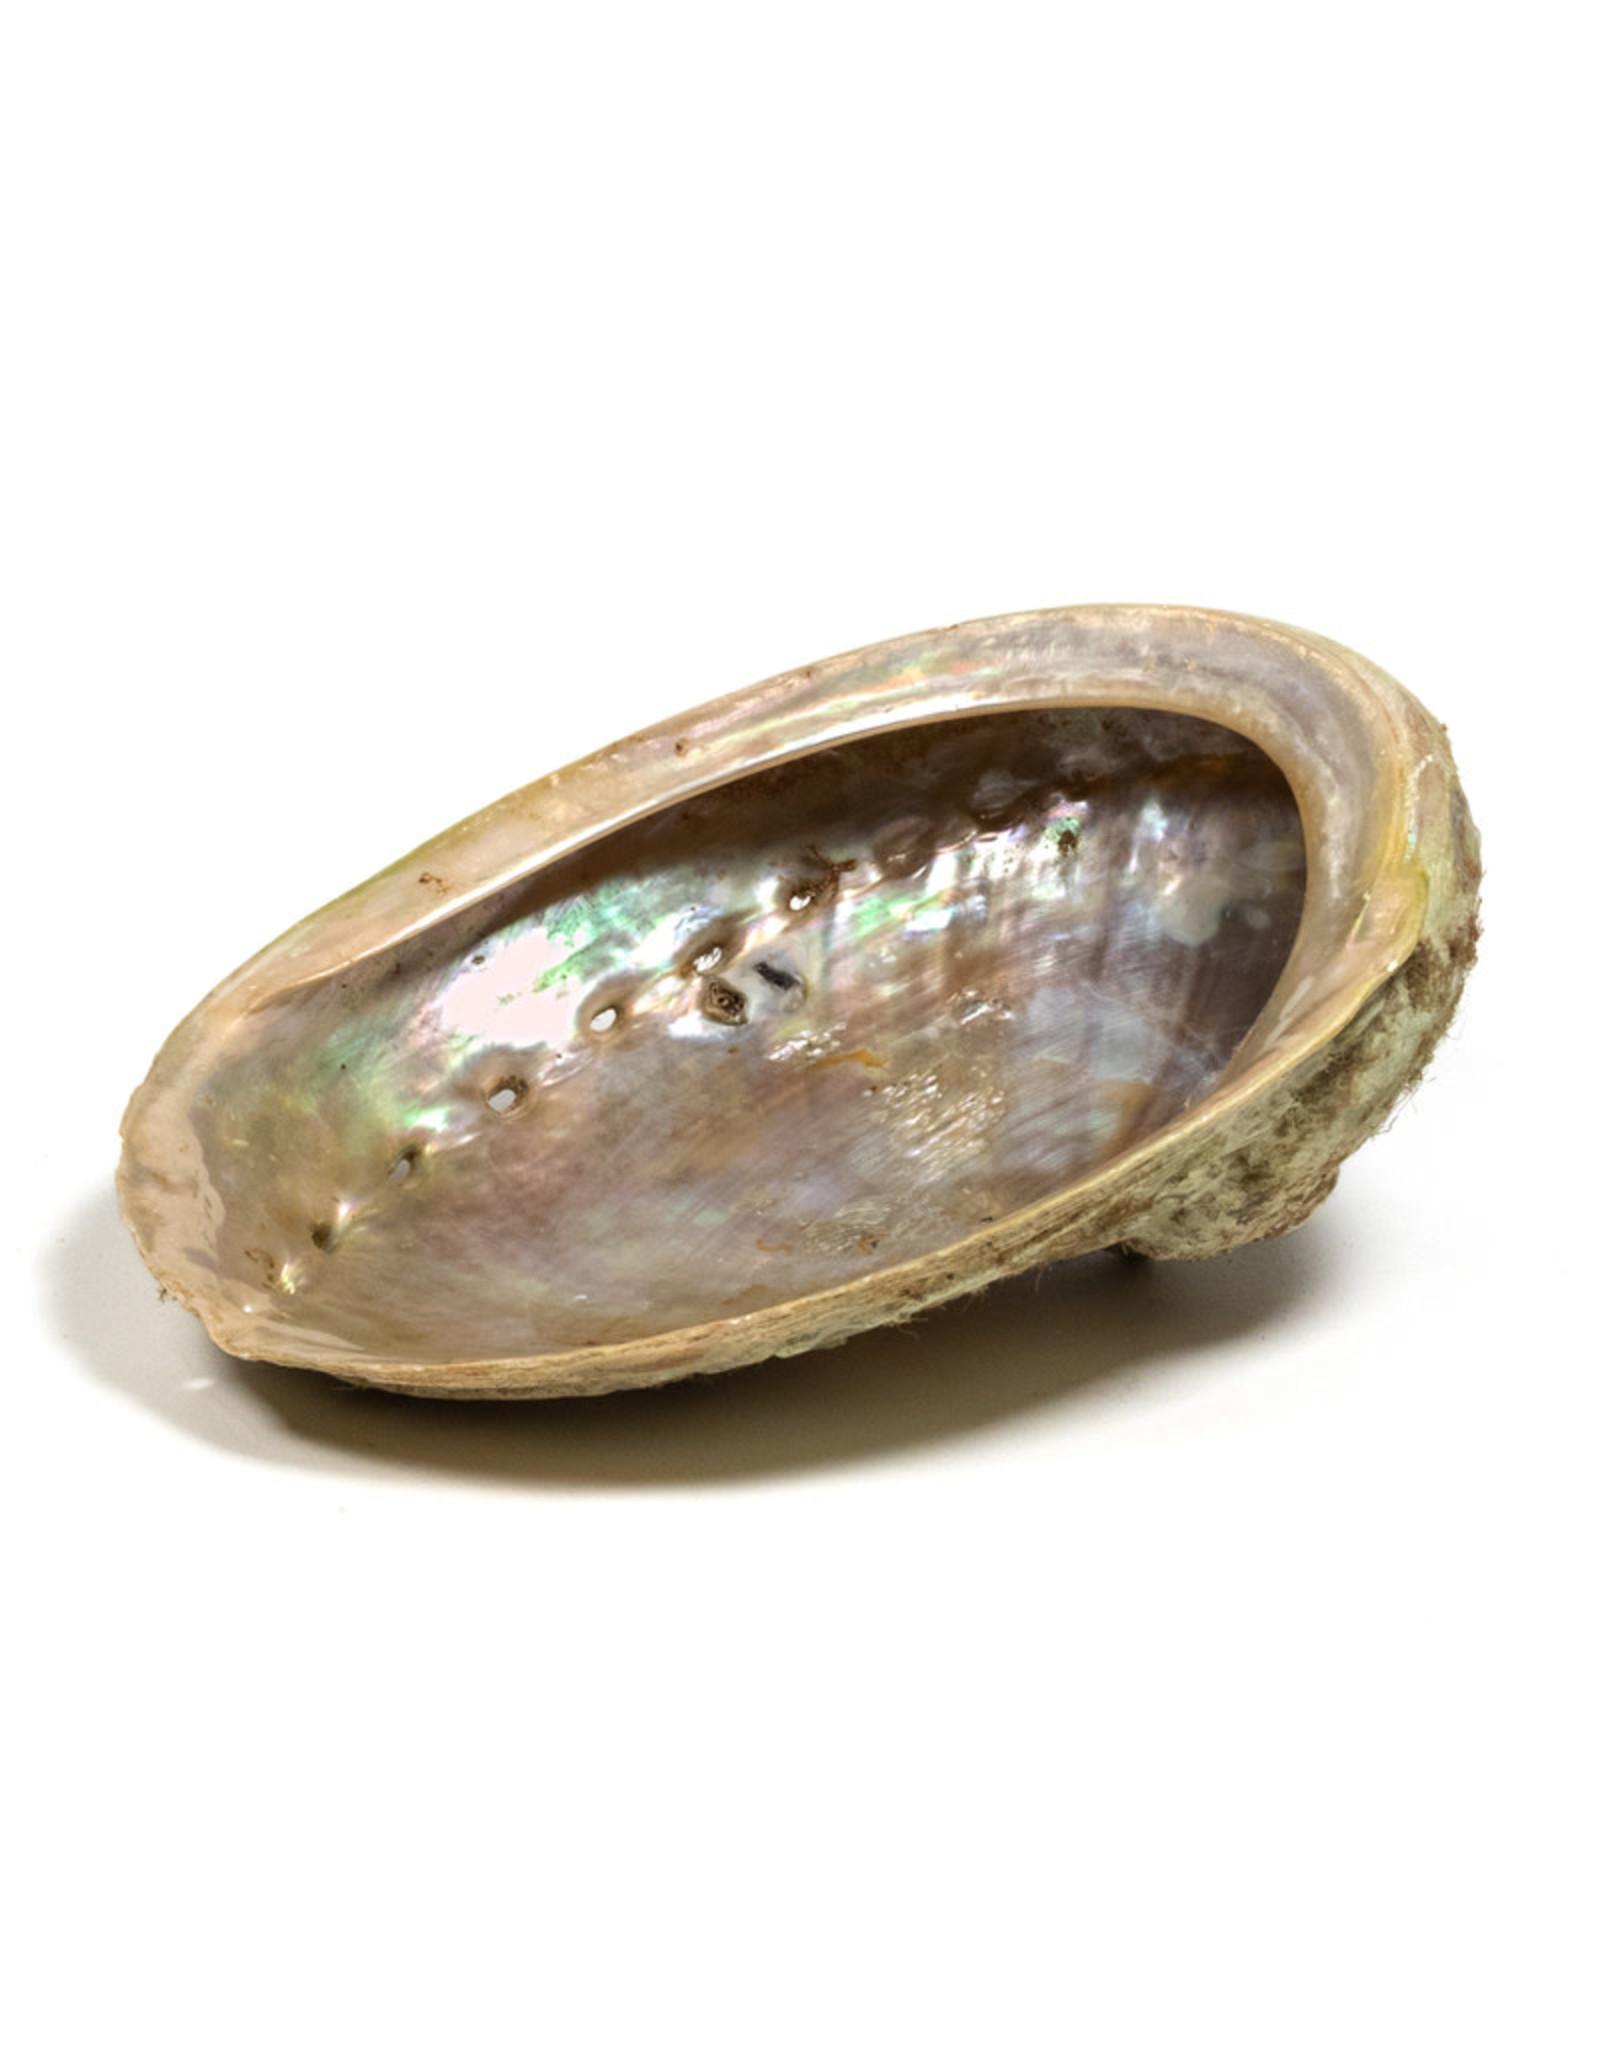 Abalone Haliotis Smudge Schelp M à 15cm